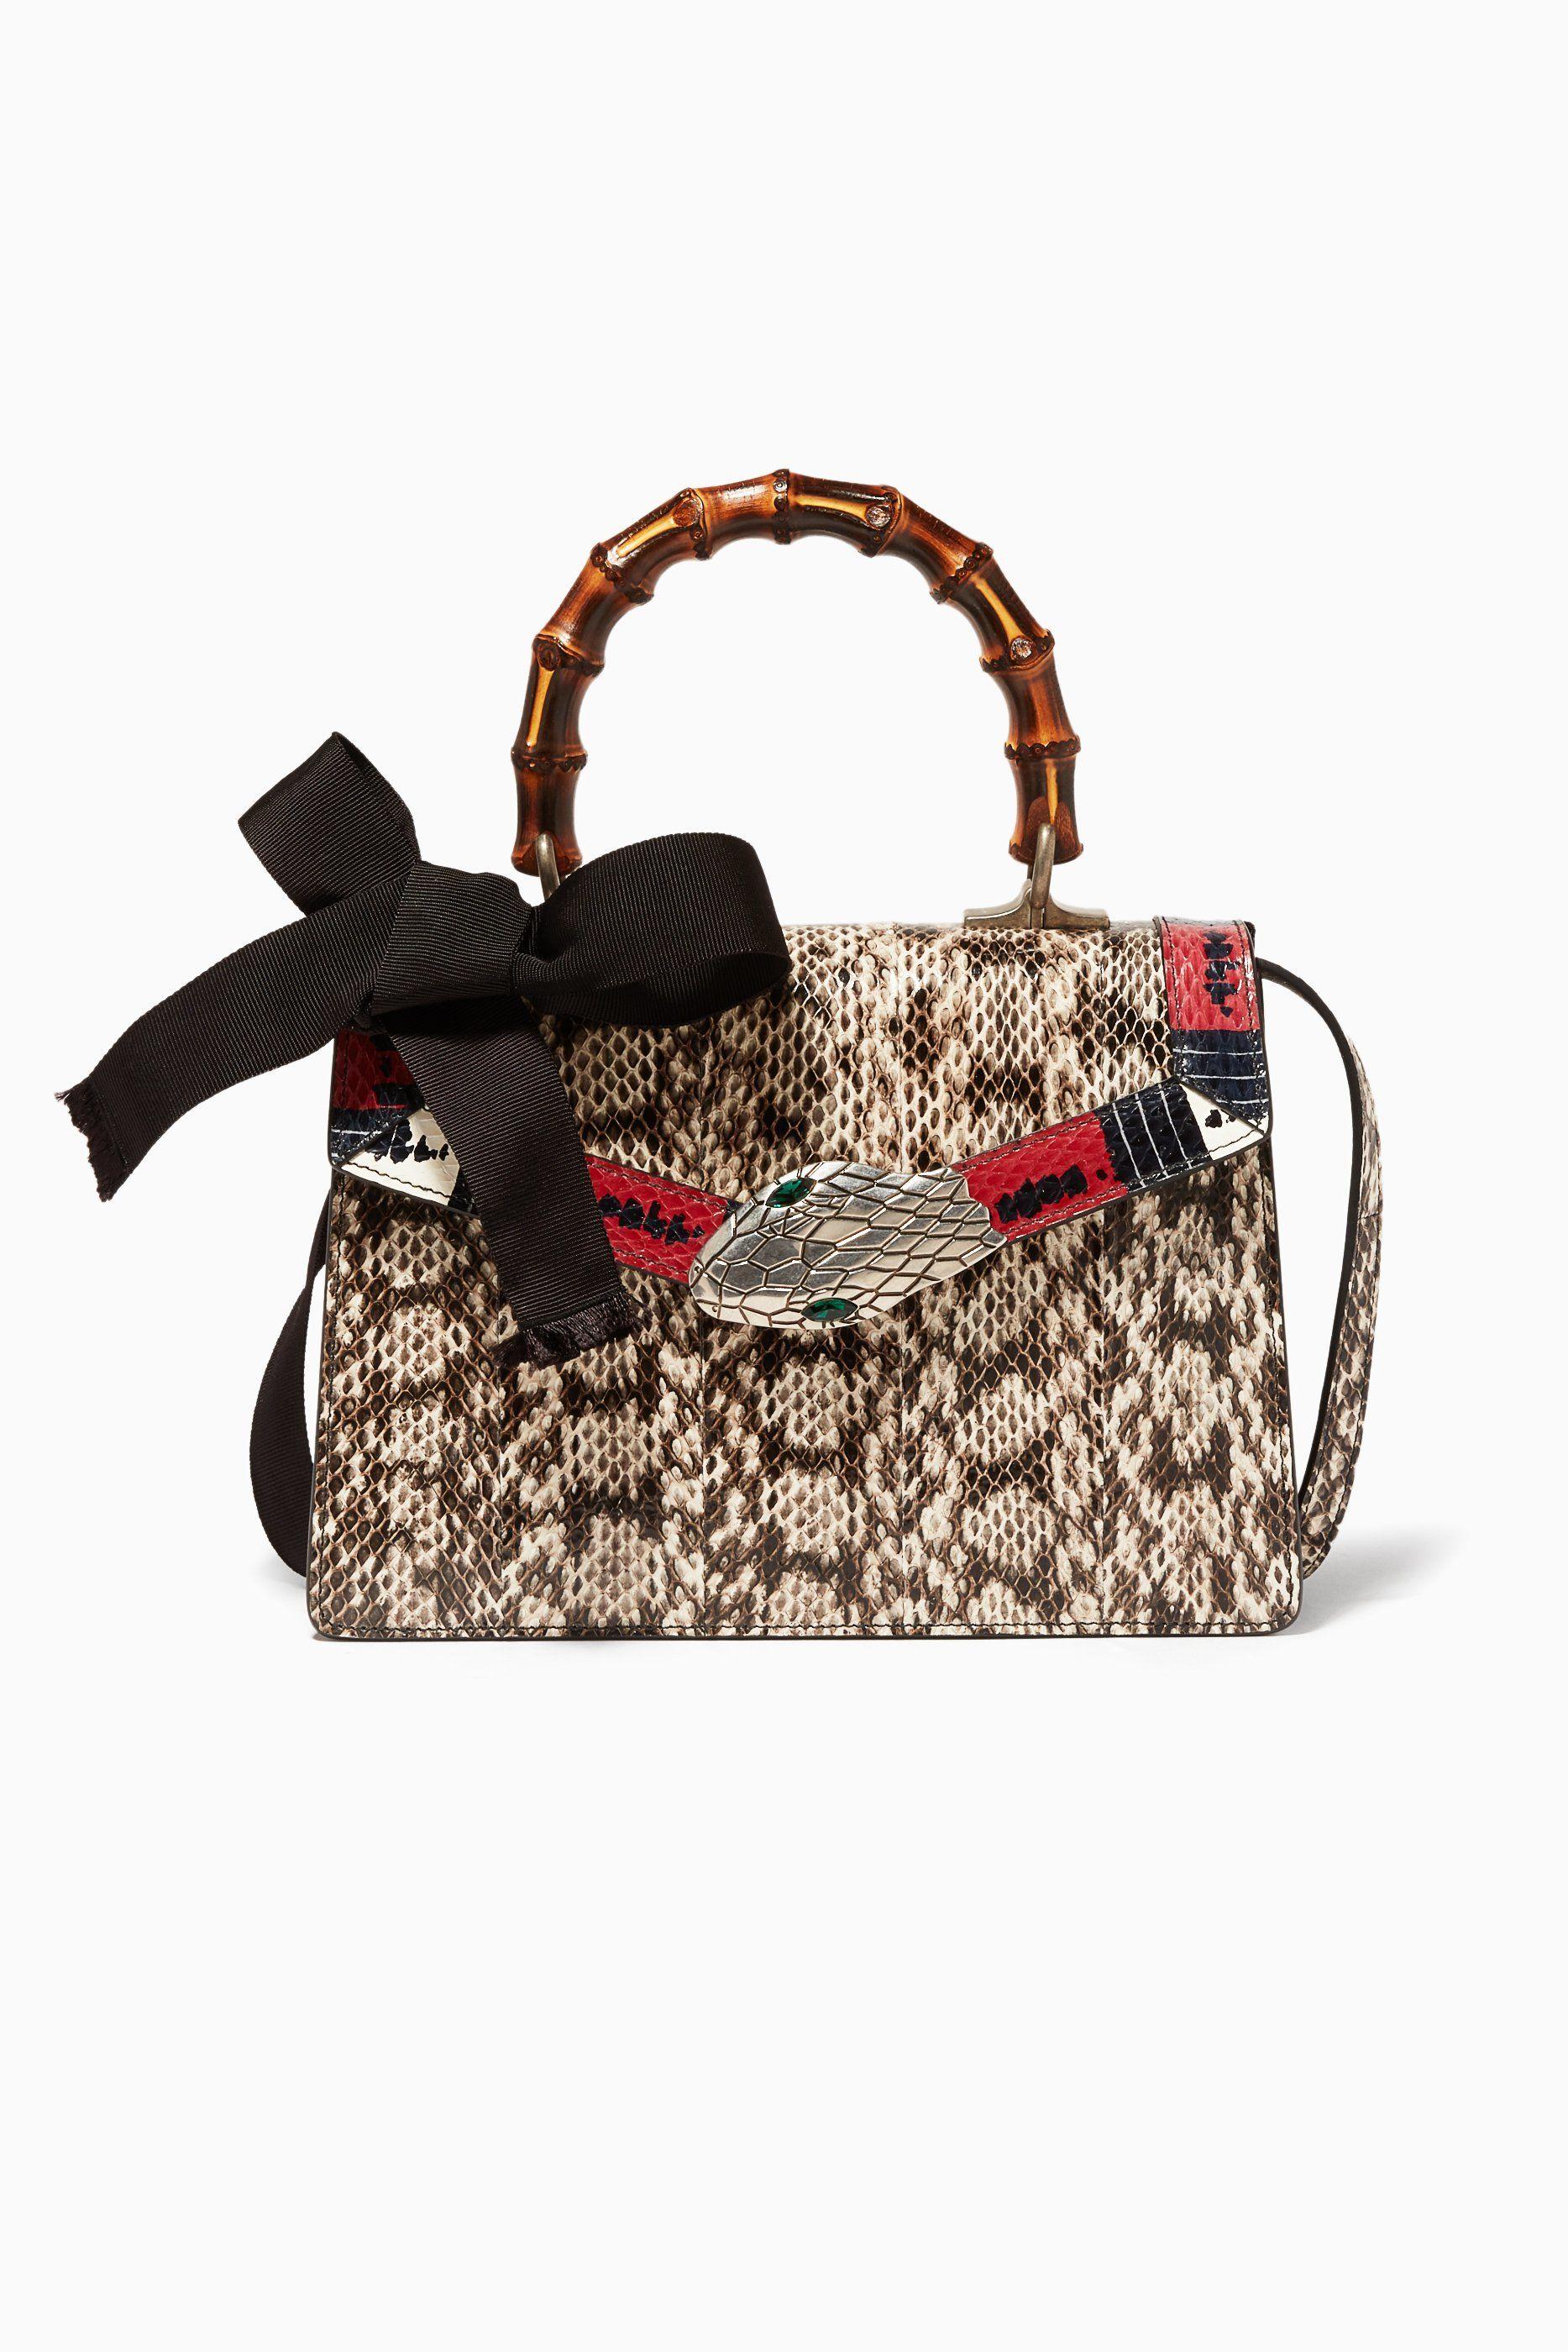 اليكي احدث حقائب يد نسائية ماركات عالمية 2017 2018 مشاهدة المزيد Https Echo Moda Com حقائب شنط حقائب يد شنط يد Women Handbags Bags Global Brands